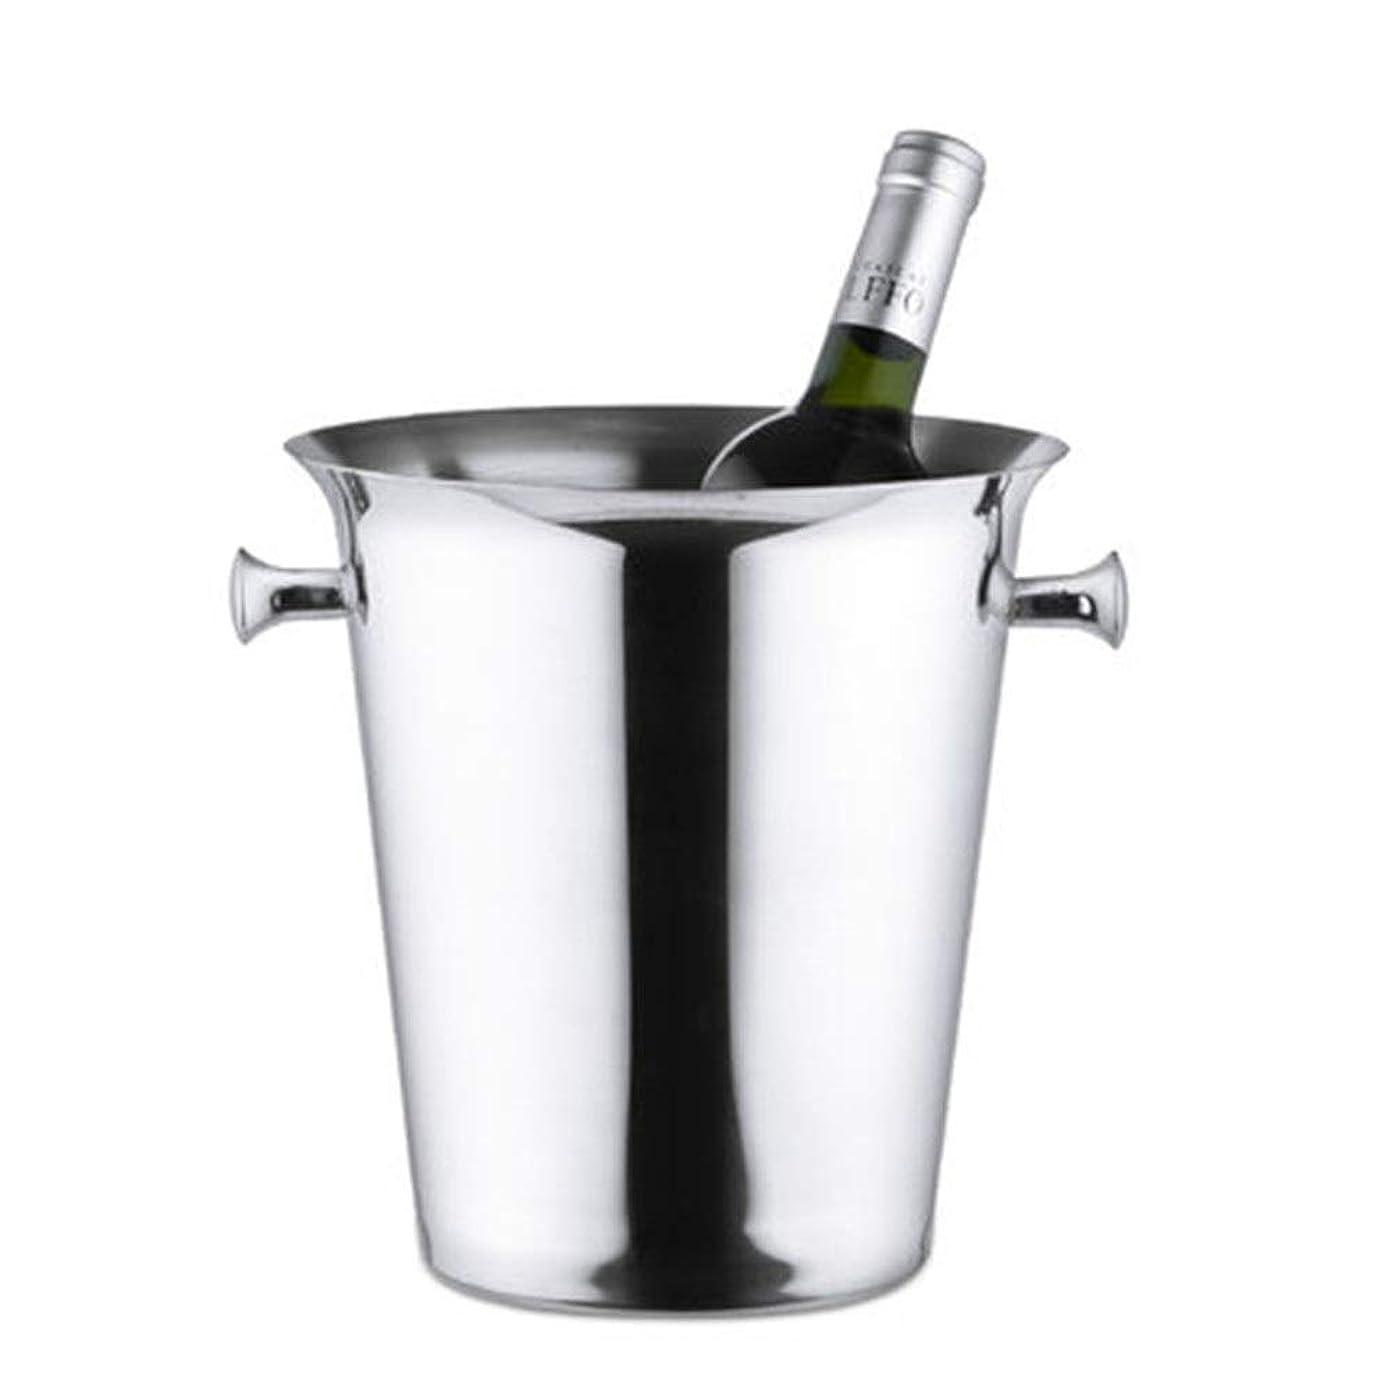 謝罪仮装変成器アイスペール ビール、ワイン、シャンパンドリンクコールド&フード新鮮な-Insulatedステンレス鋼を保ちます 氷と飲み物用 (色 : Silver, Size : 22x22.5x14cm)